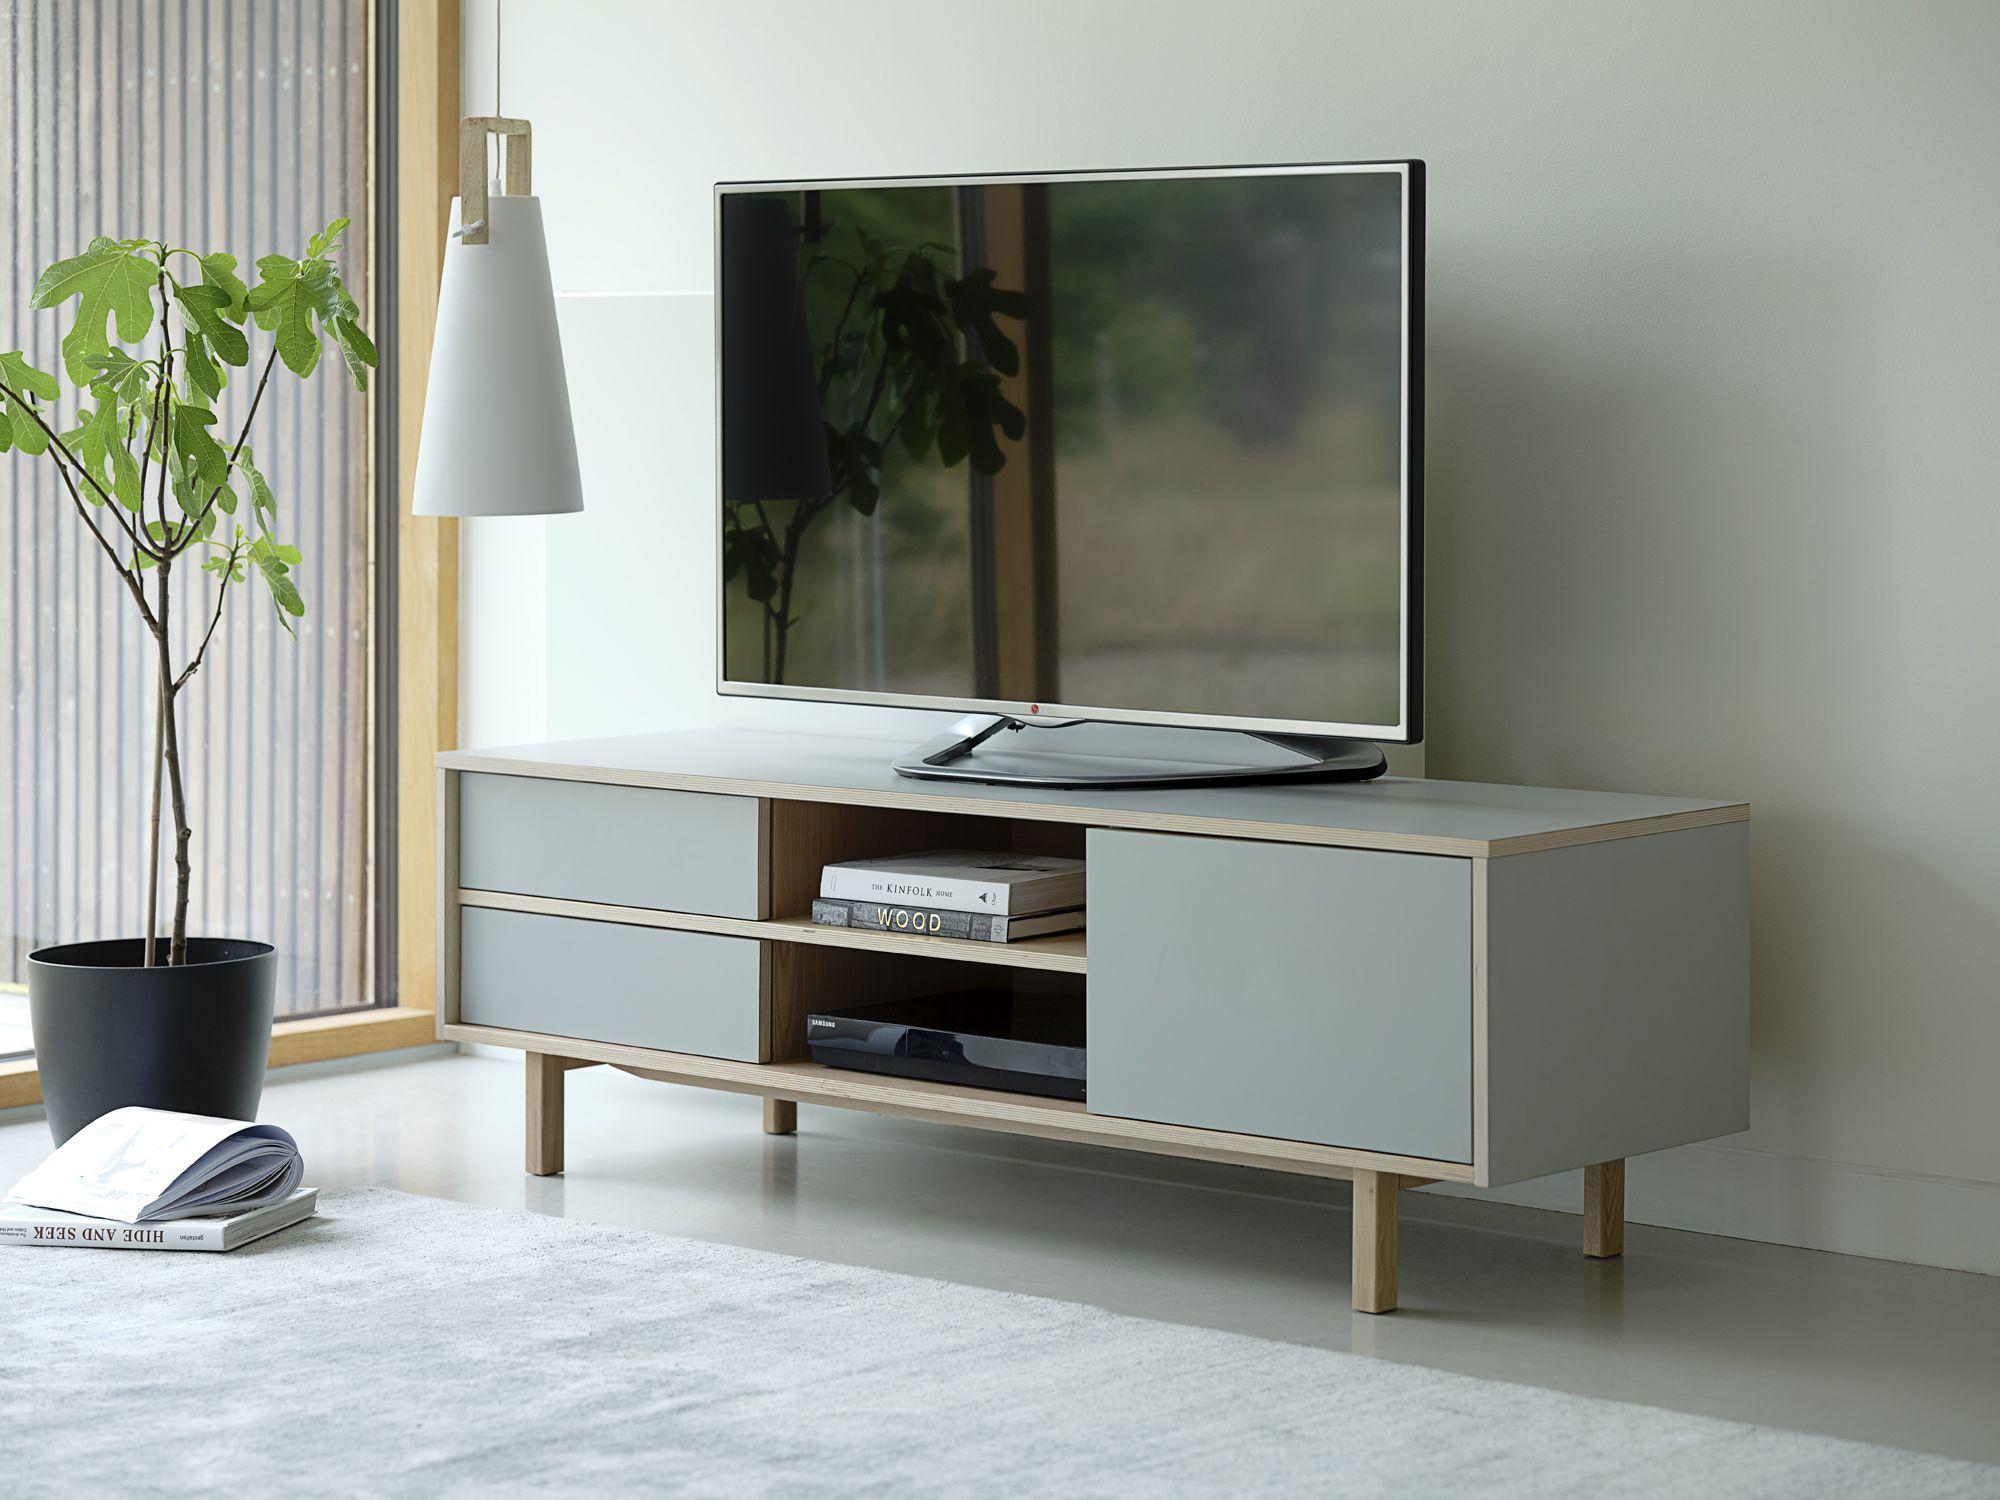 odense-tv-dressoir-4